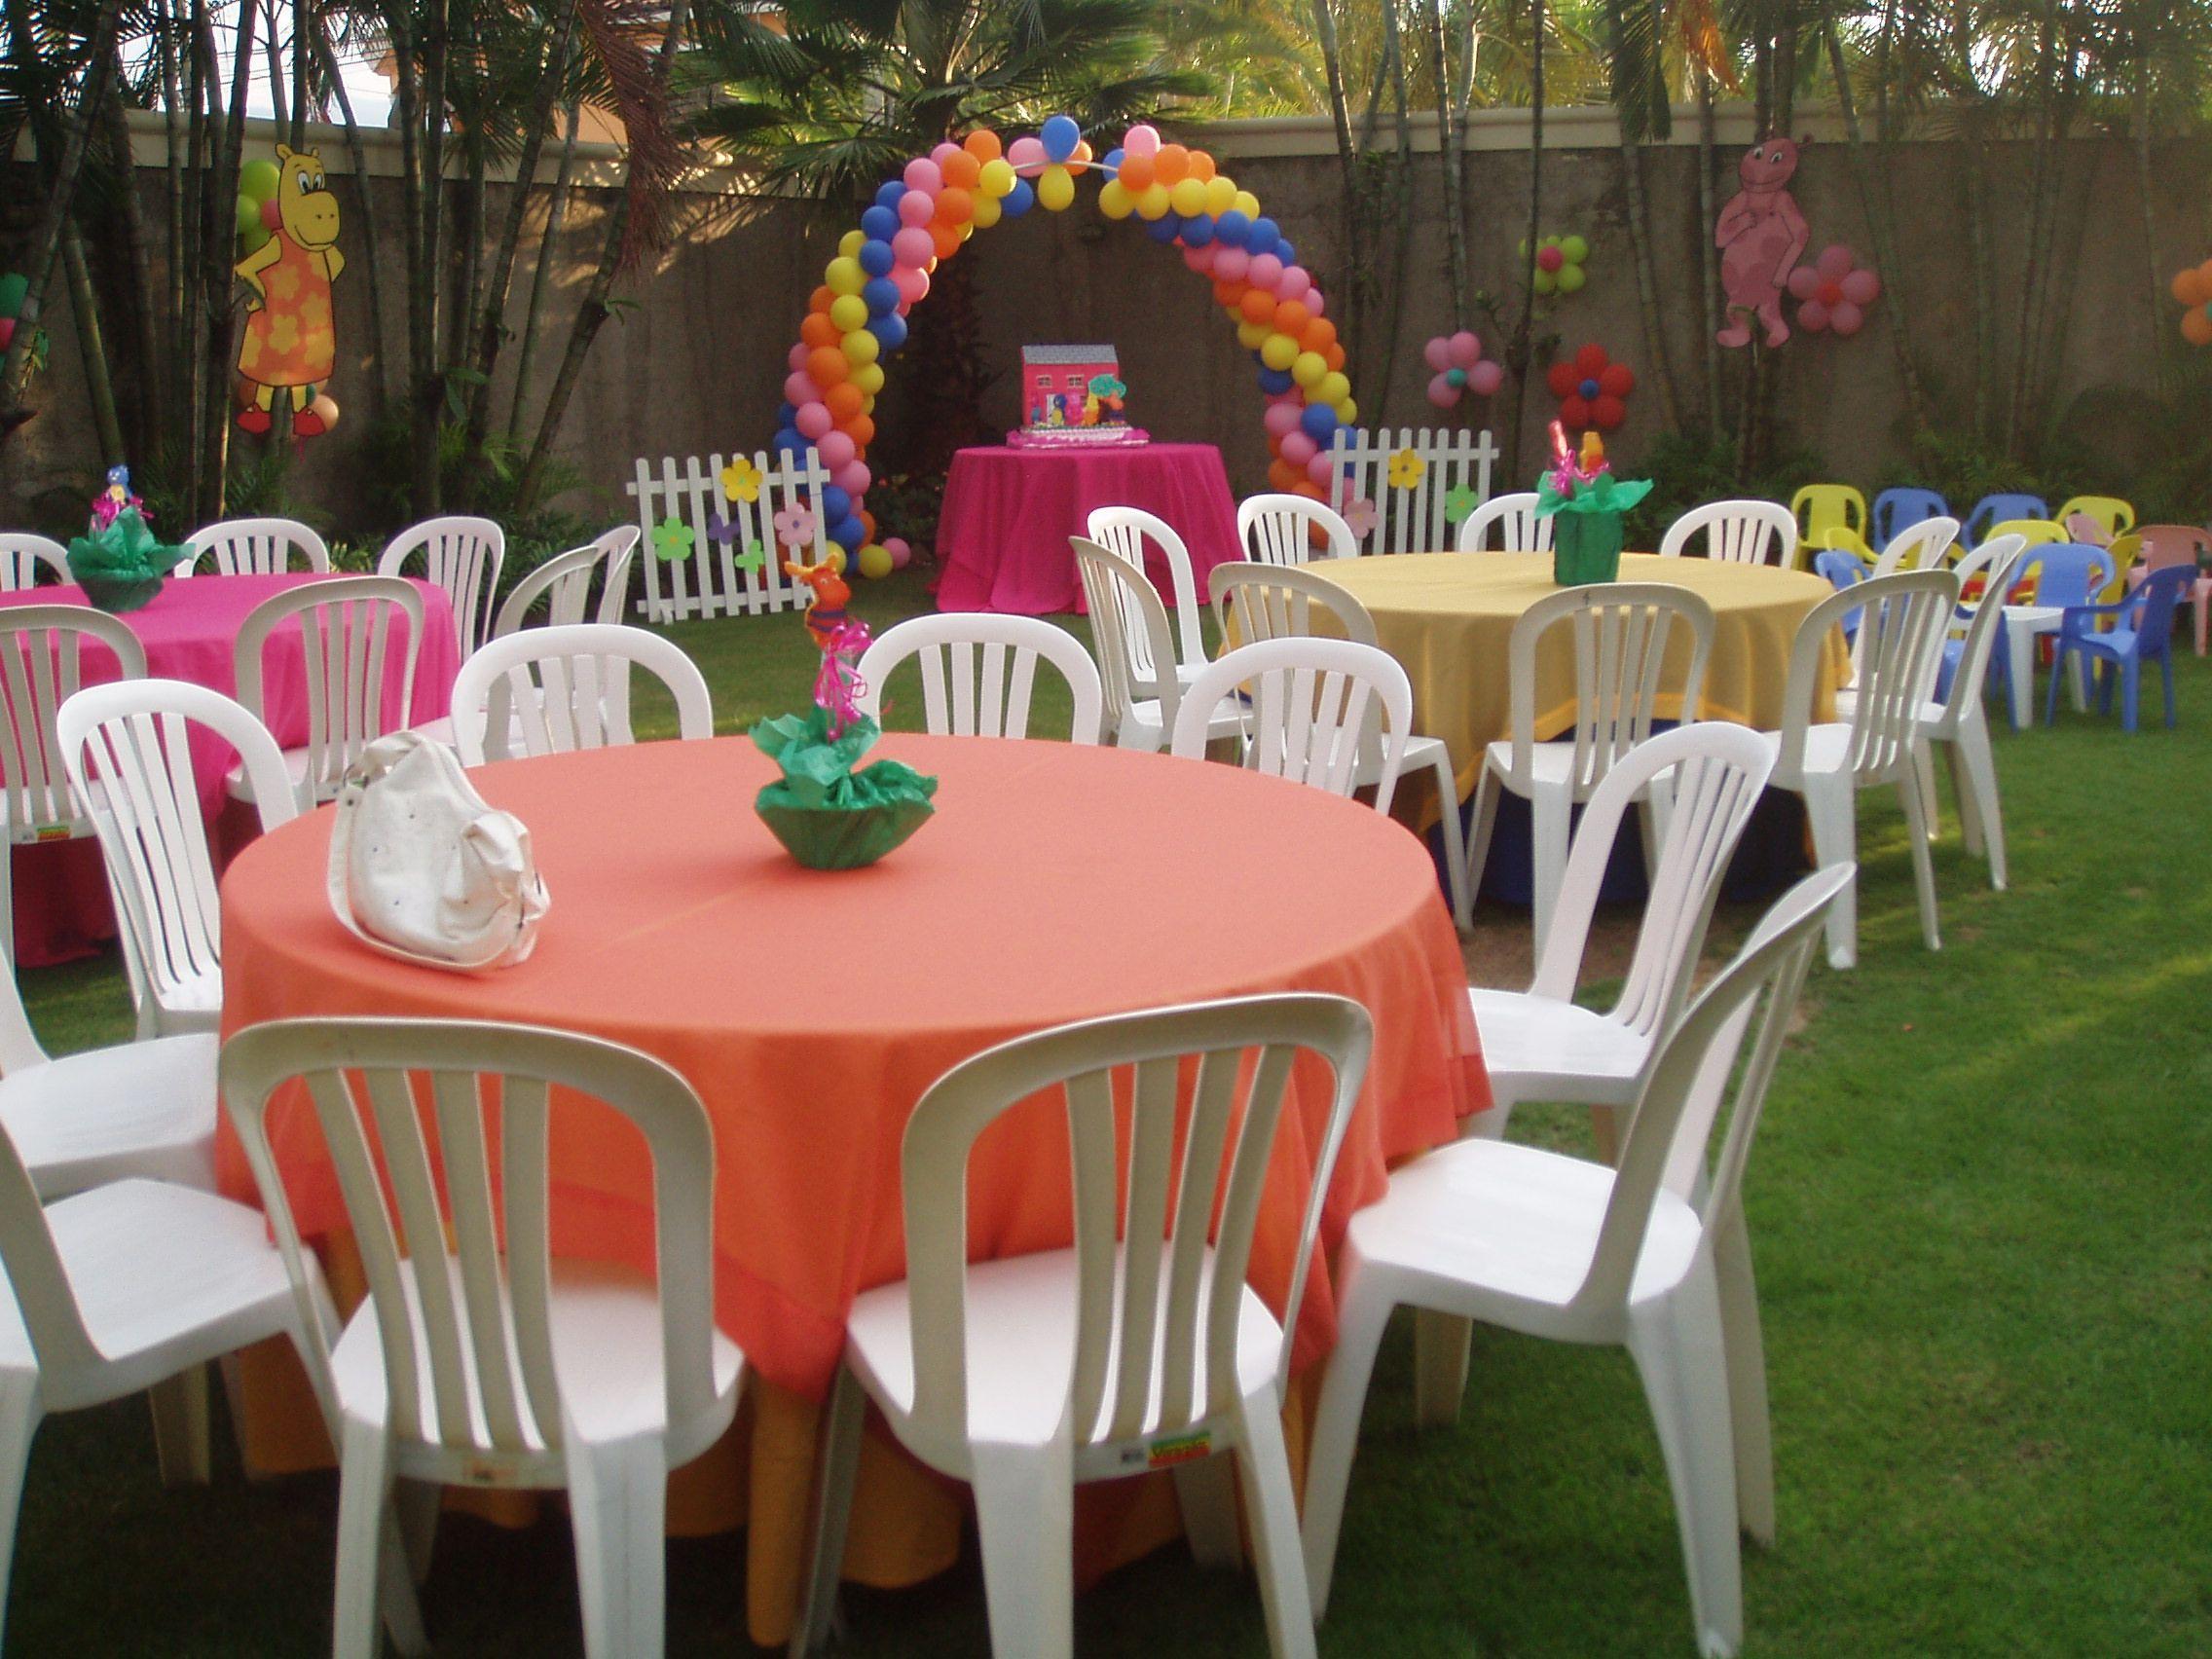 sillas plsticas mesas con manteles de colores variados y linda decoracin en vejigas